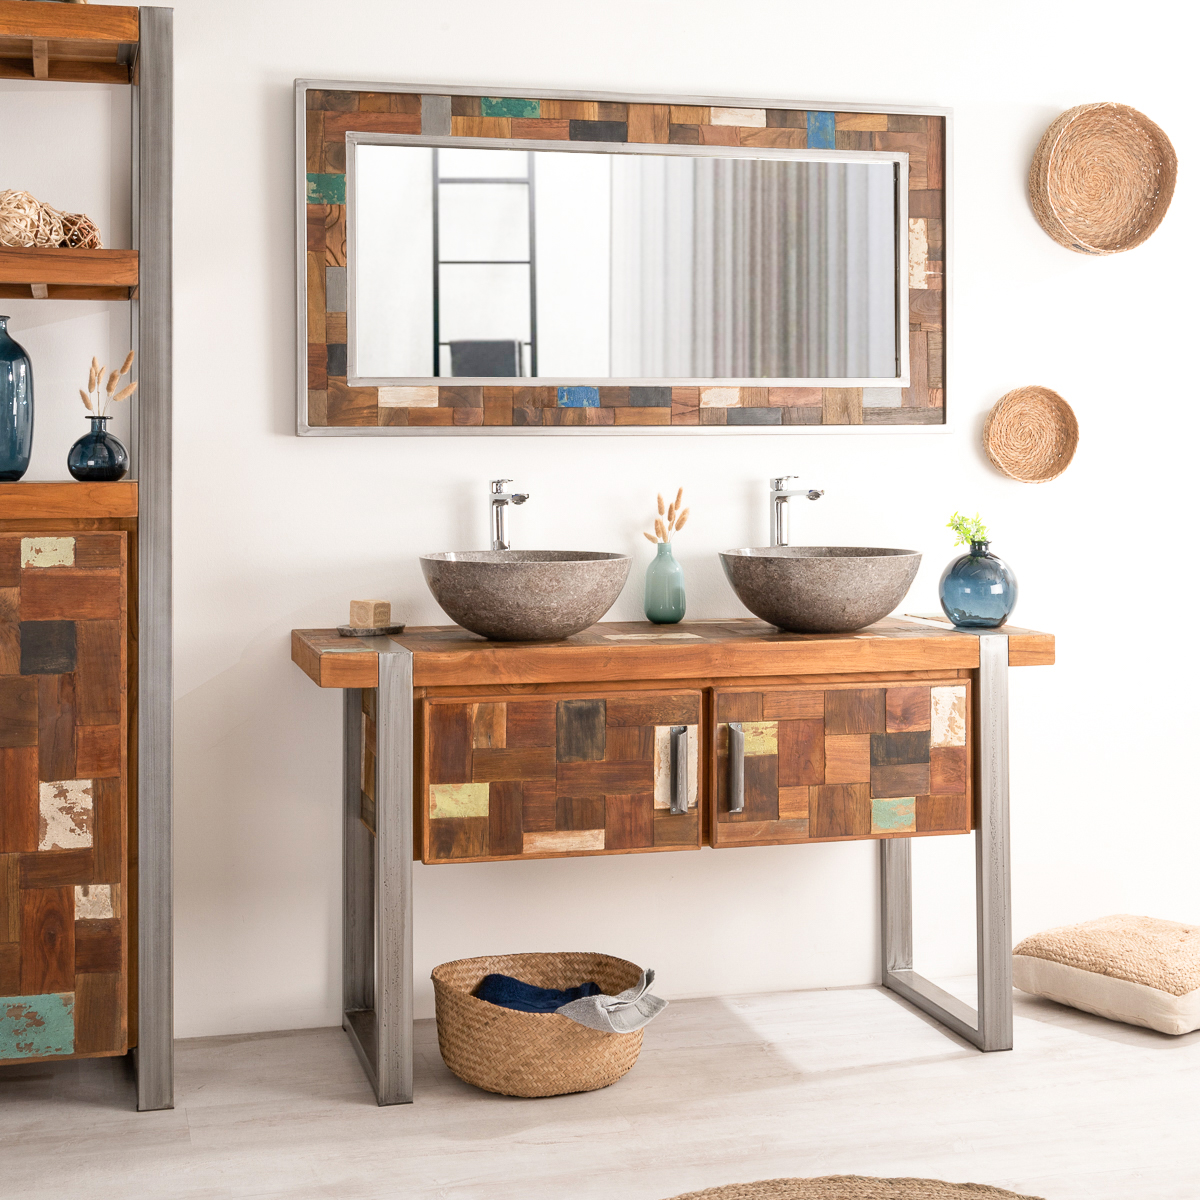 Meuble sous vasque double vasque en bois teck massif et acier bross factory l 140 cm - Bricorama meuble salle de bain ...